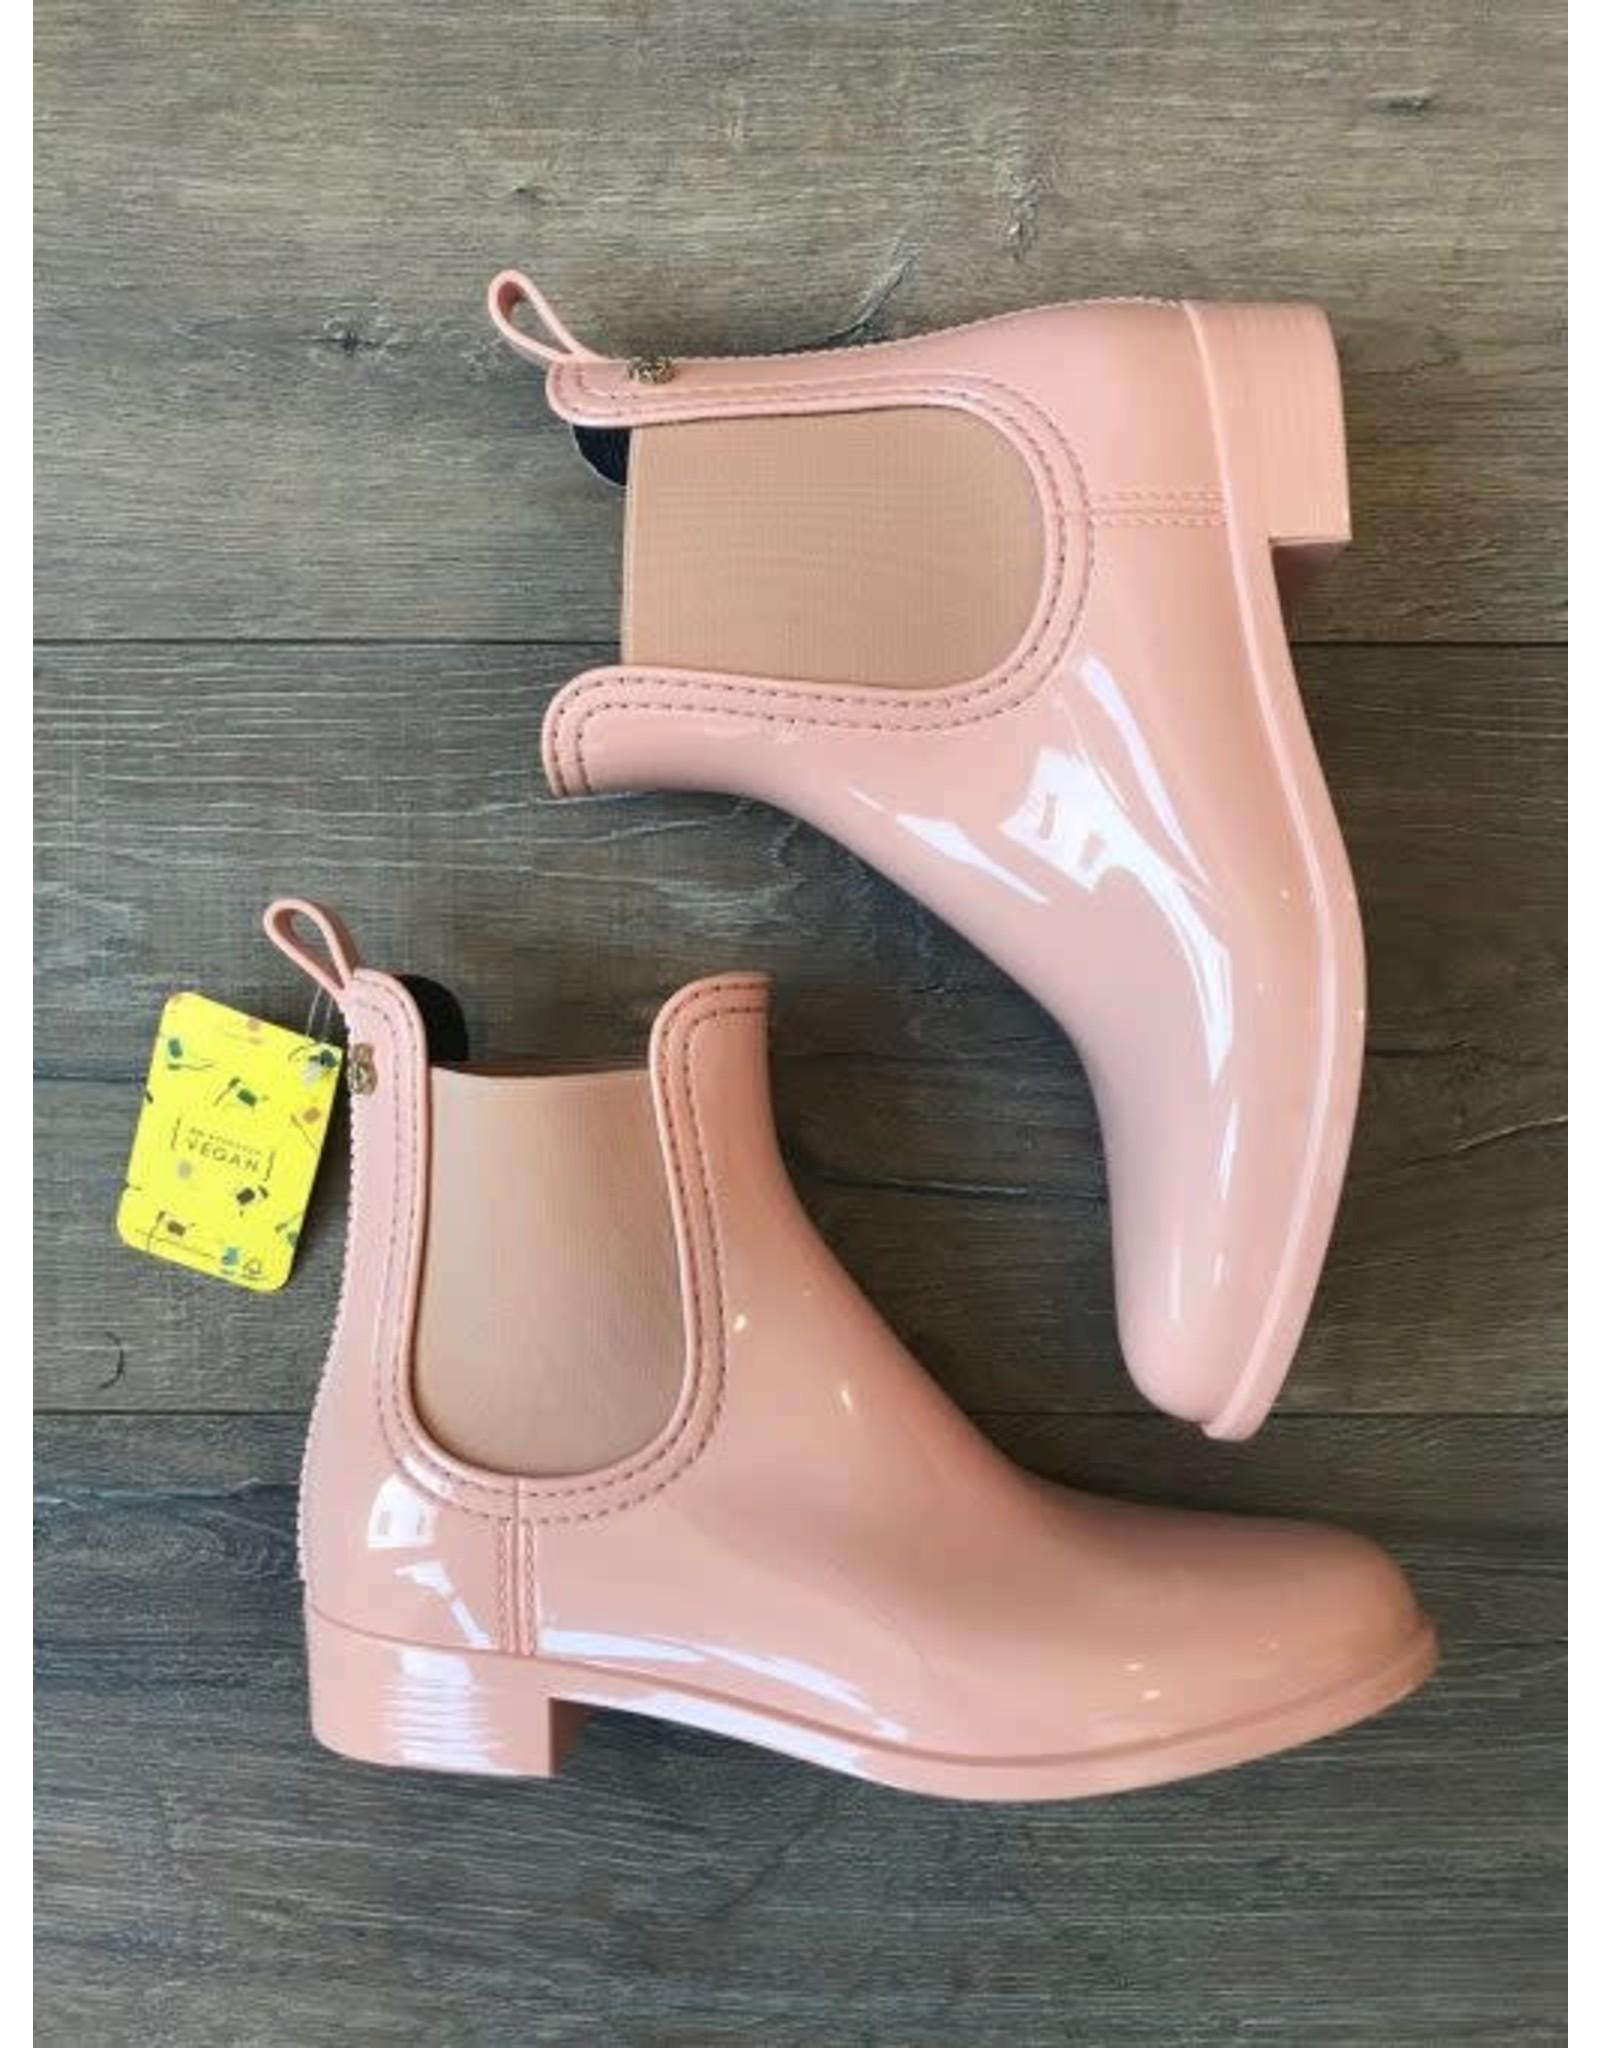 Lemon Jelly Lemon Jelly - Comfy (pink)